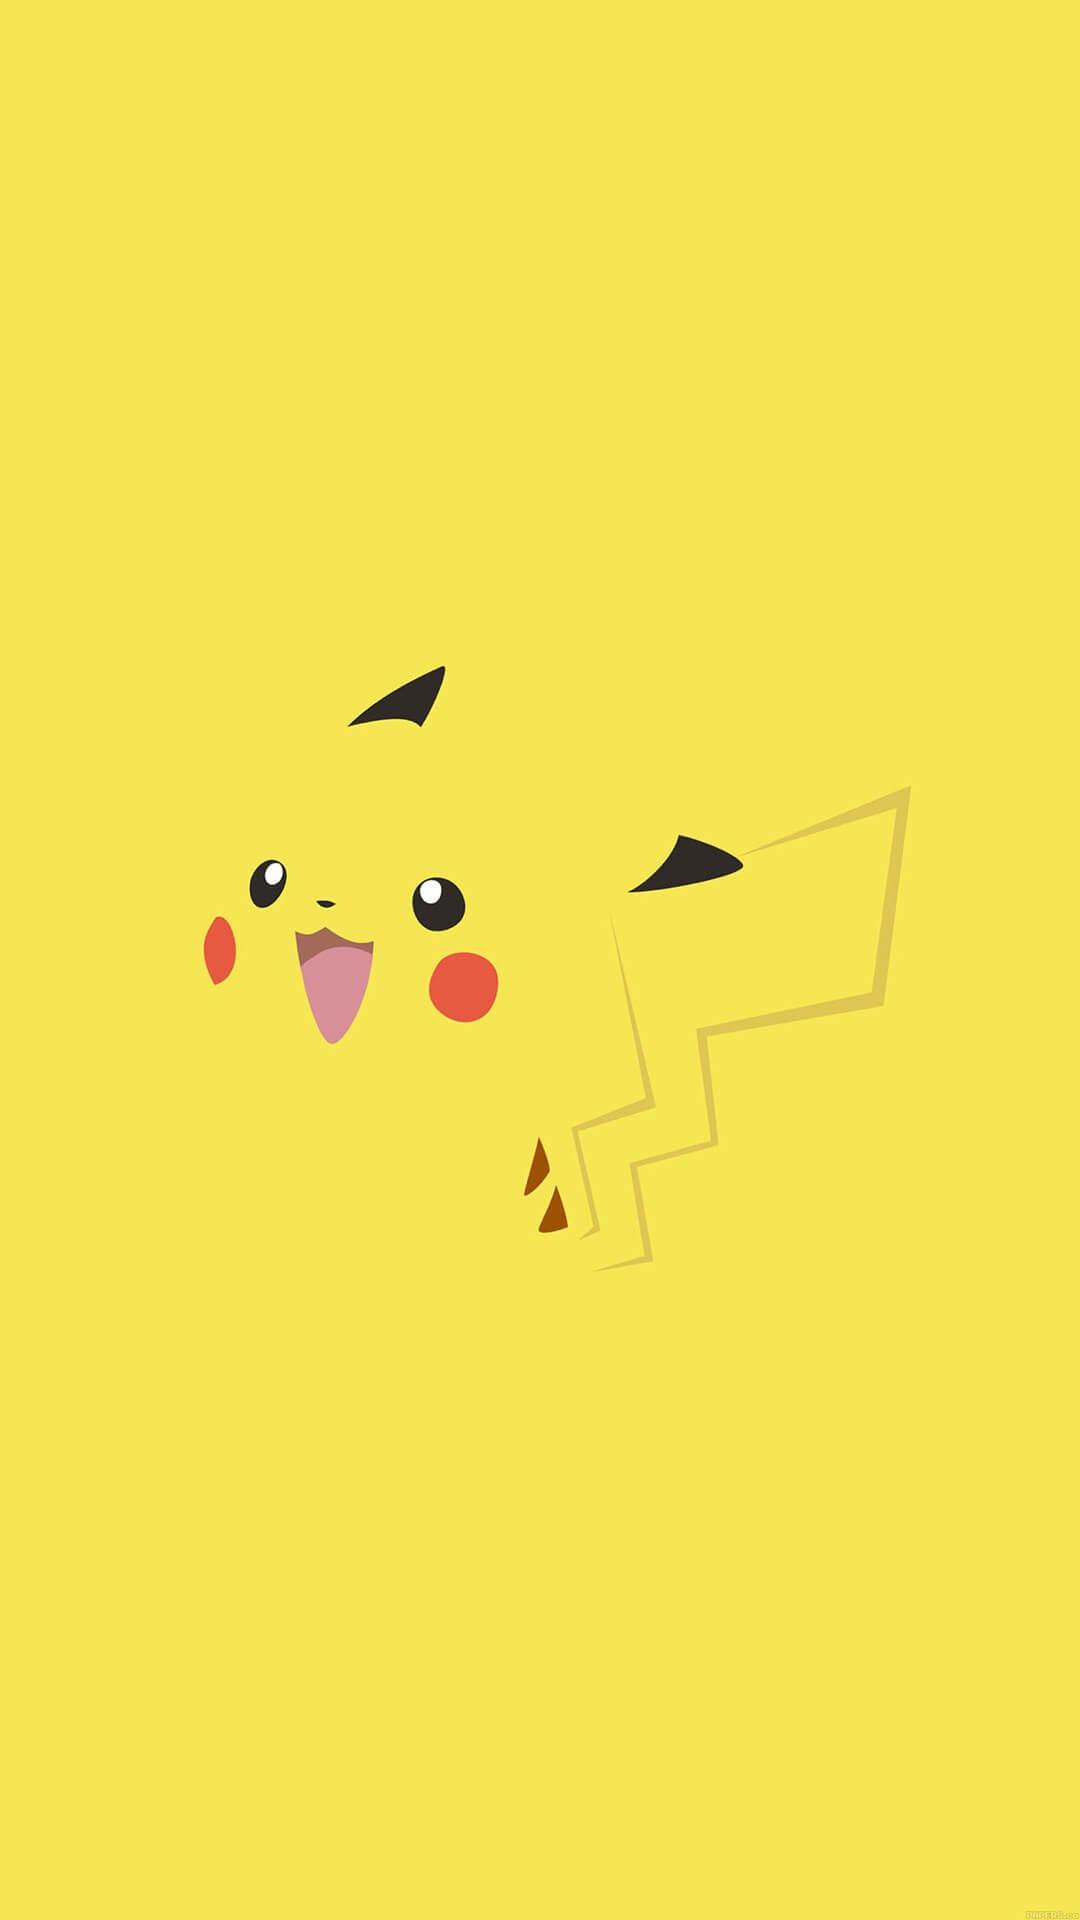 Le Fond D Ecran Du Jour Special Pokemon Pikachu Droidsoft